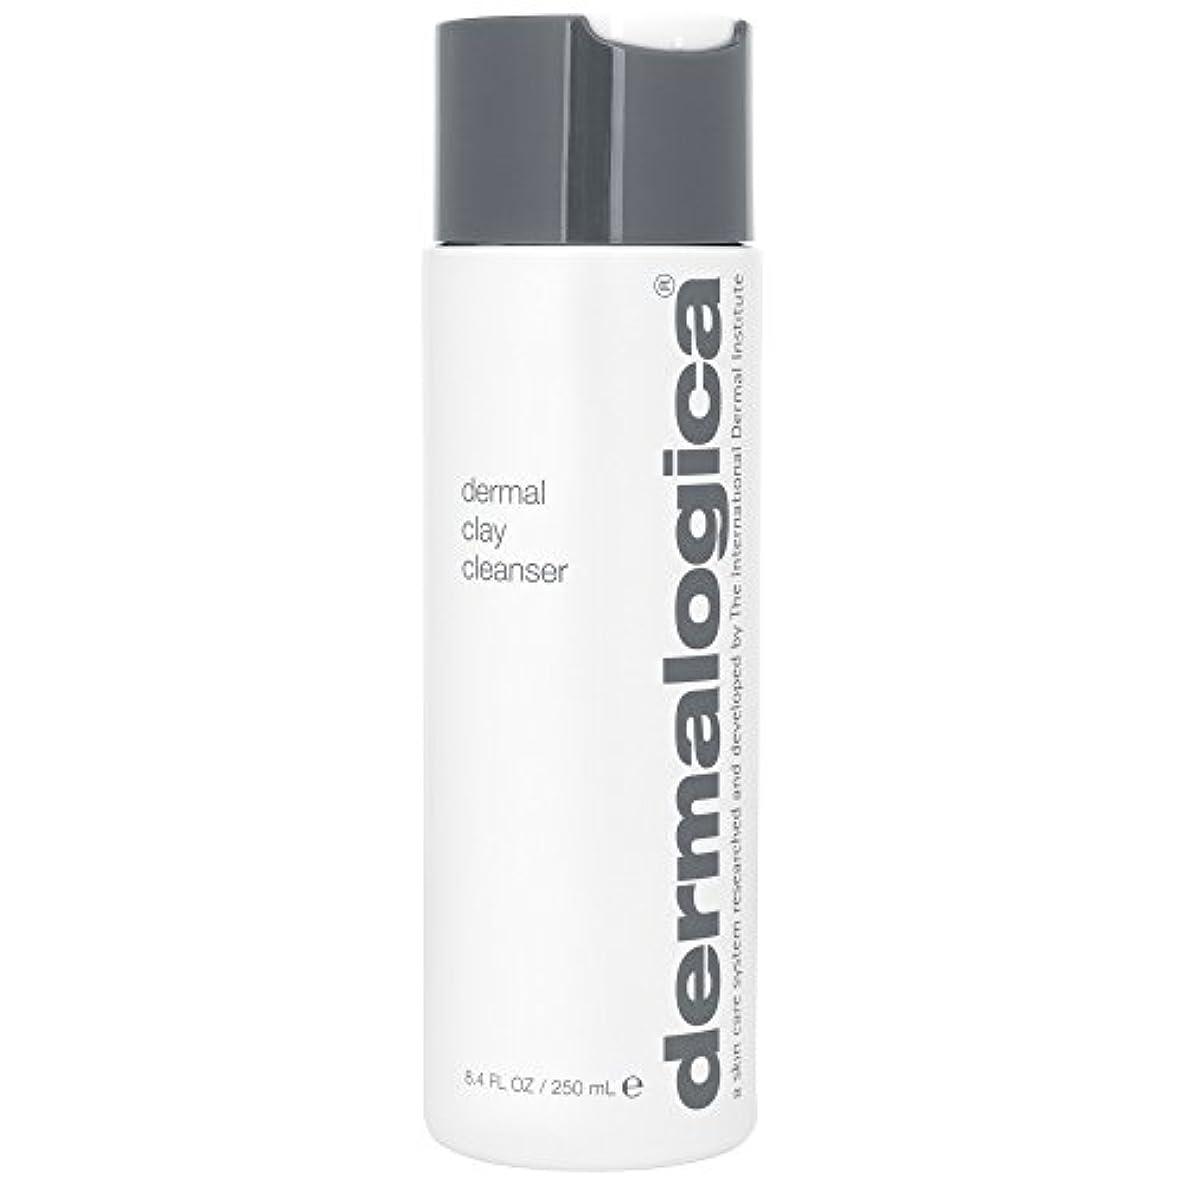 ビデオエンドウアジャダーマロジカ真皮クレイクレンザー250ミリリットル (Dermalogica) (x6) - Dermalogica Dermal Clay Cleanser 250ml (Pack of 6) [並行輸入品]